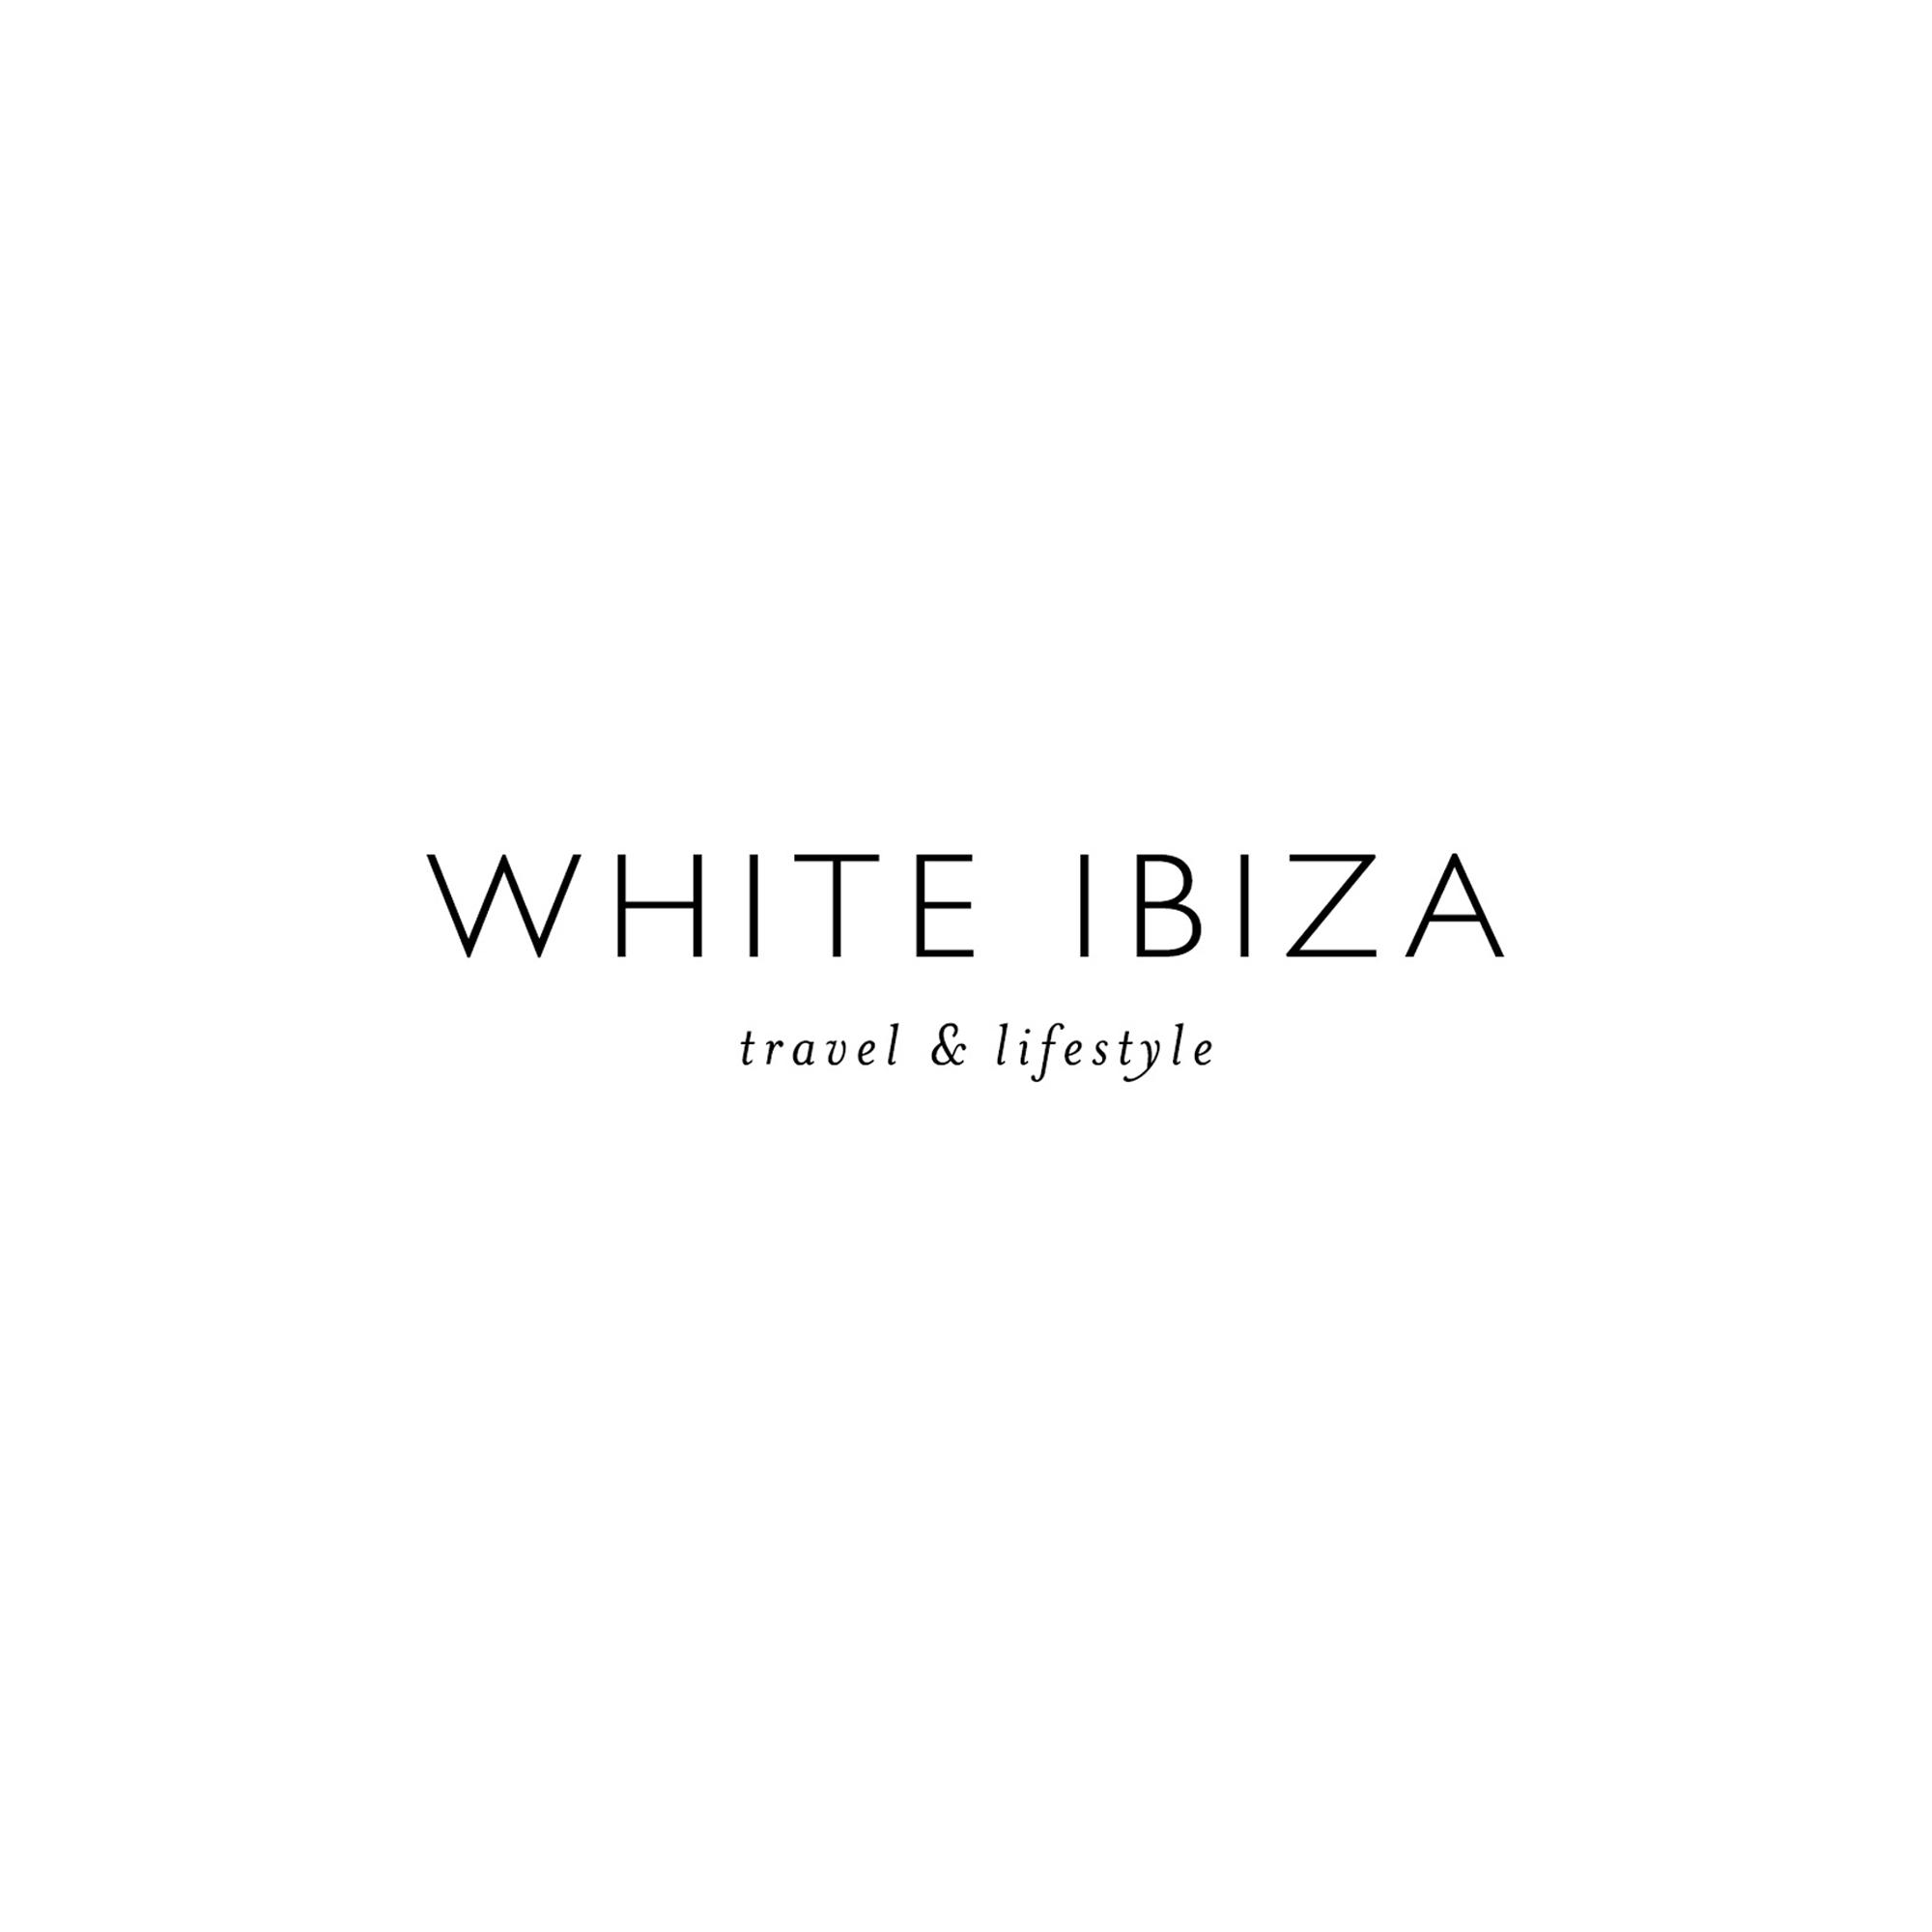 White Ibiza Wedding Guide Nigel Edgecombe Photographs